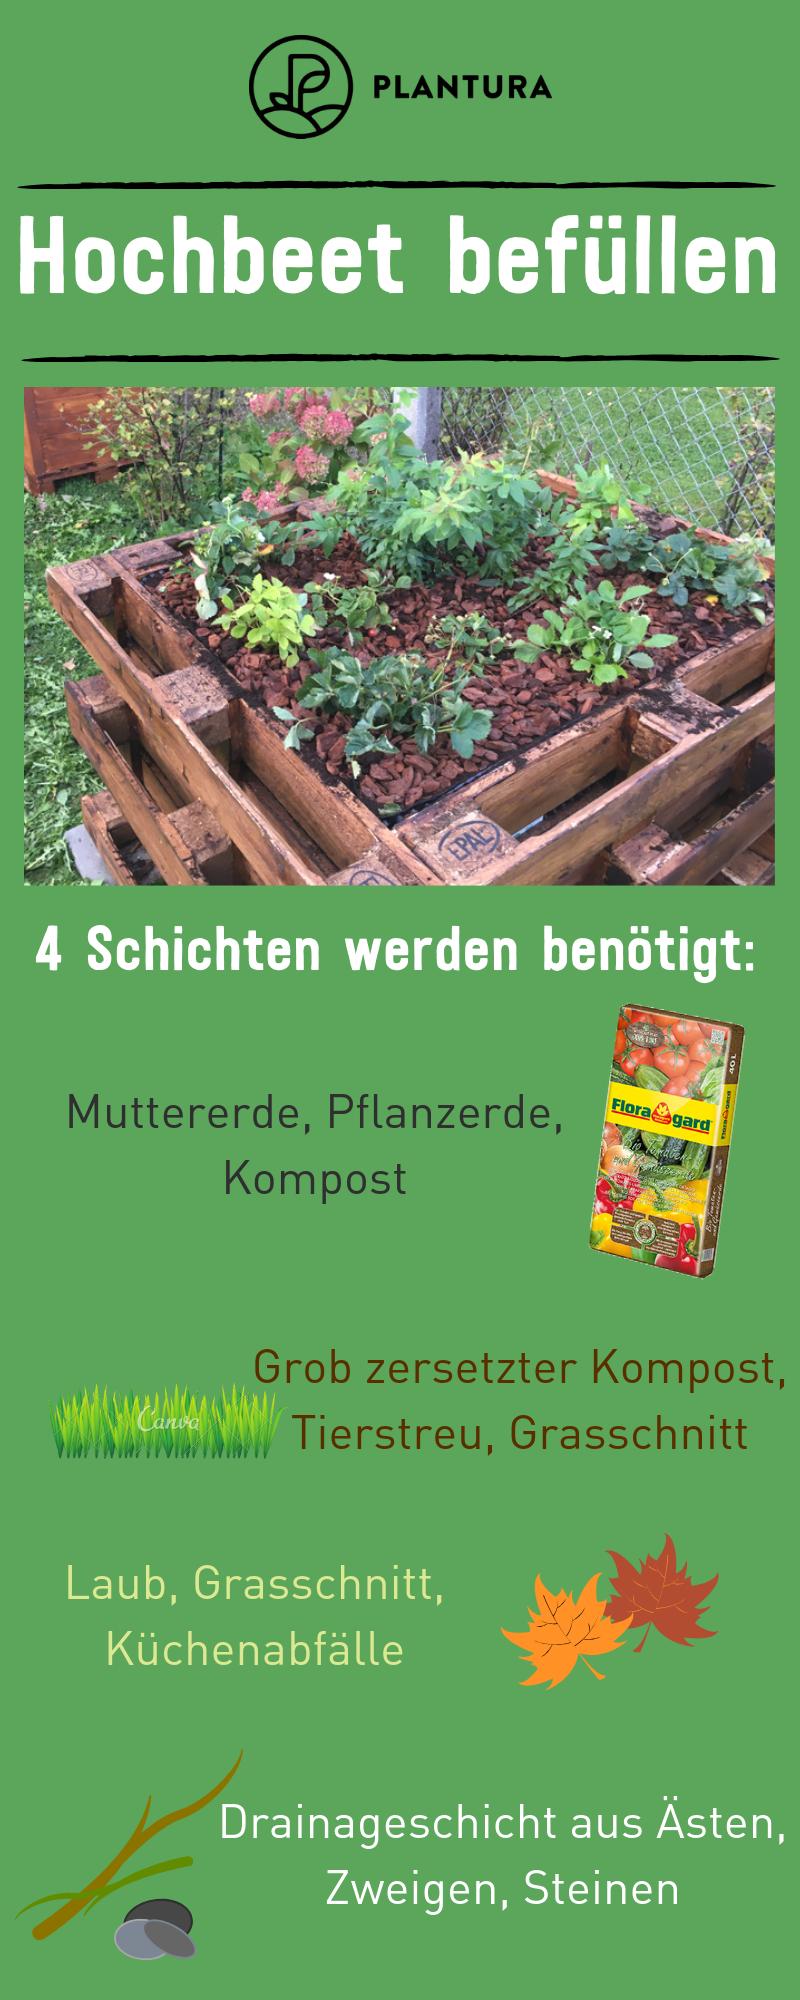 Hochbeet Befullen Tipps Zum Schichten Fullen Plantura Hochbeet Hochbeet Befullen Nutzgarten Anlegen